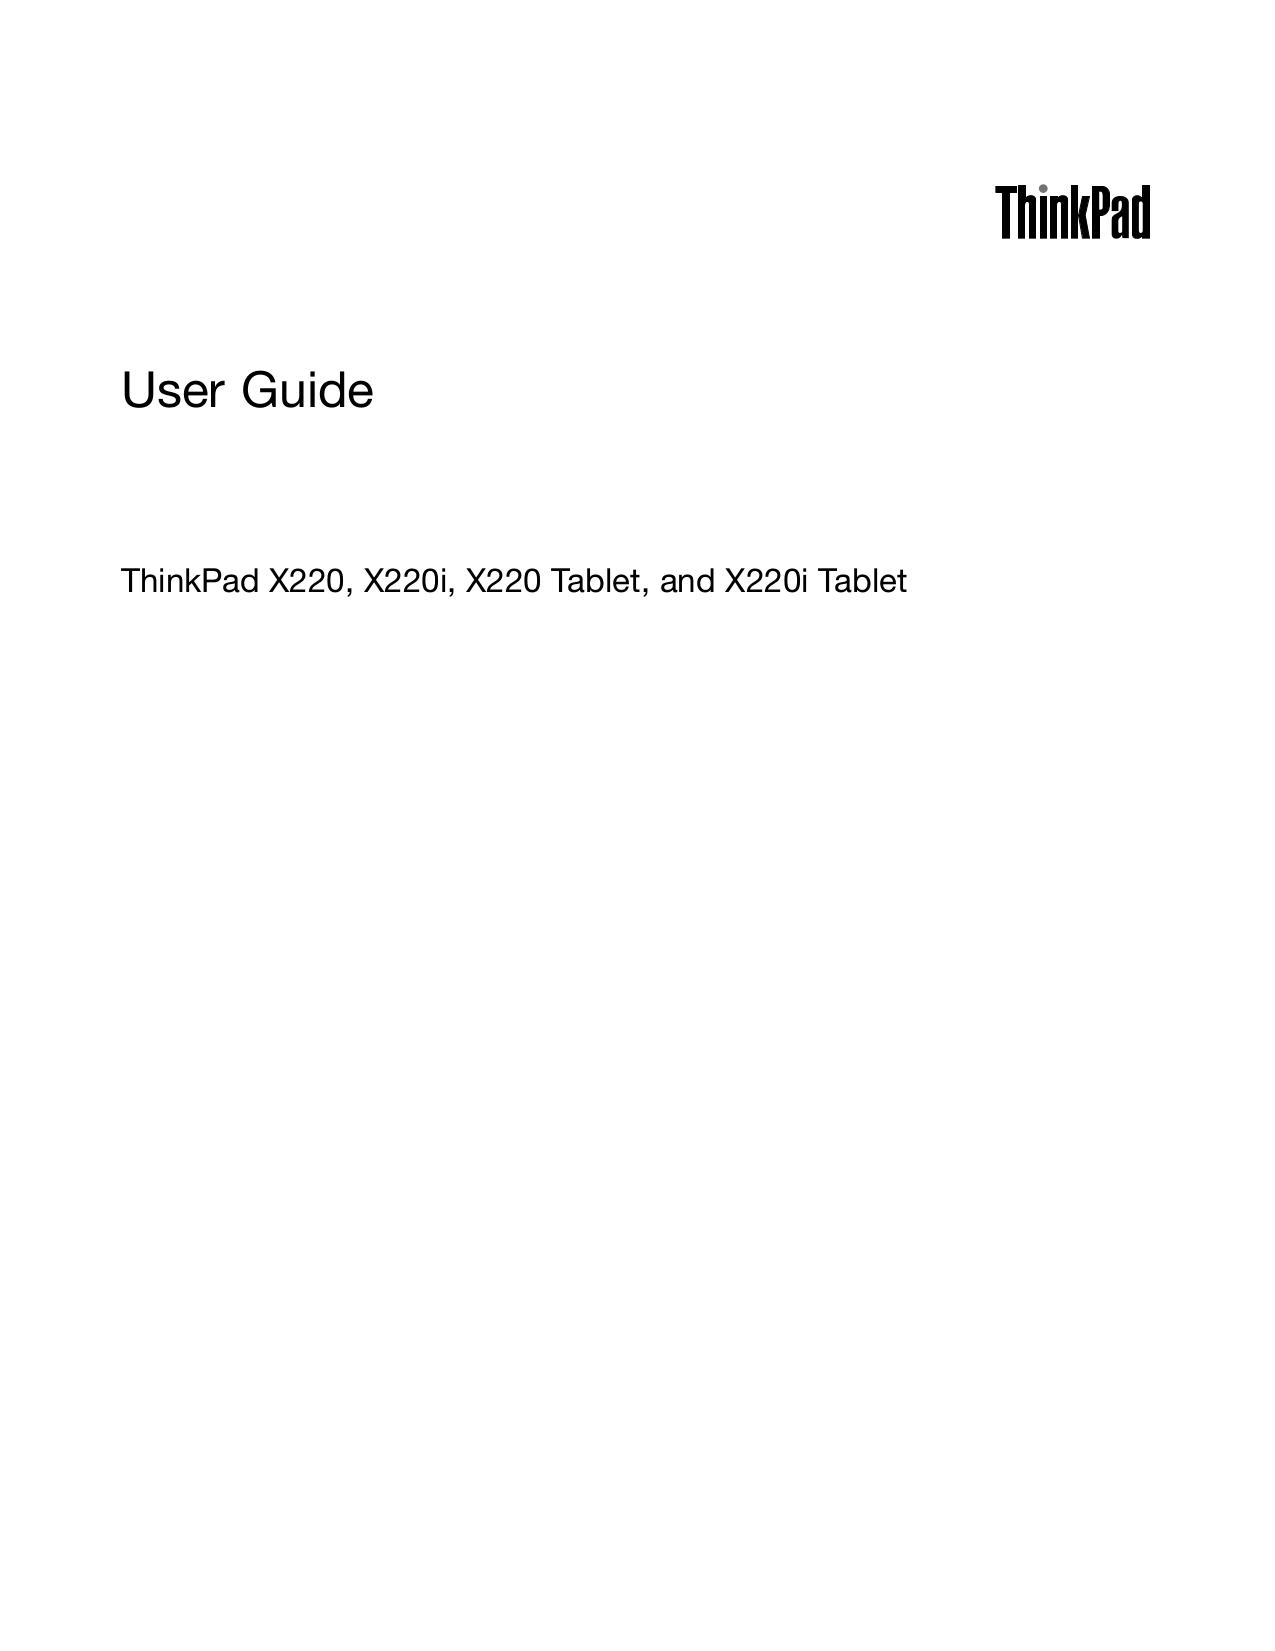 pdf for IBM Laptop ThinkPad i Series 1700 manual